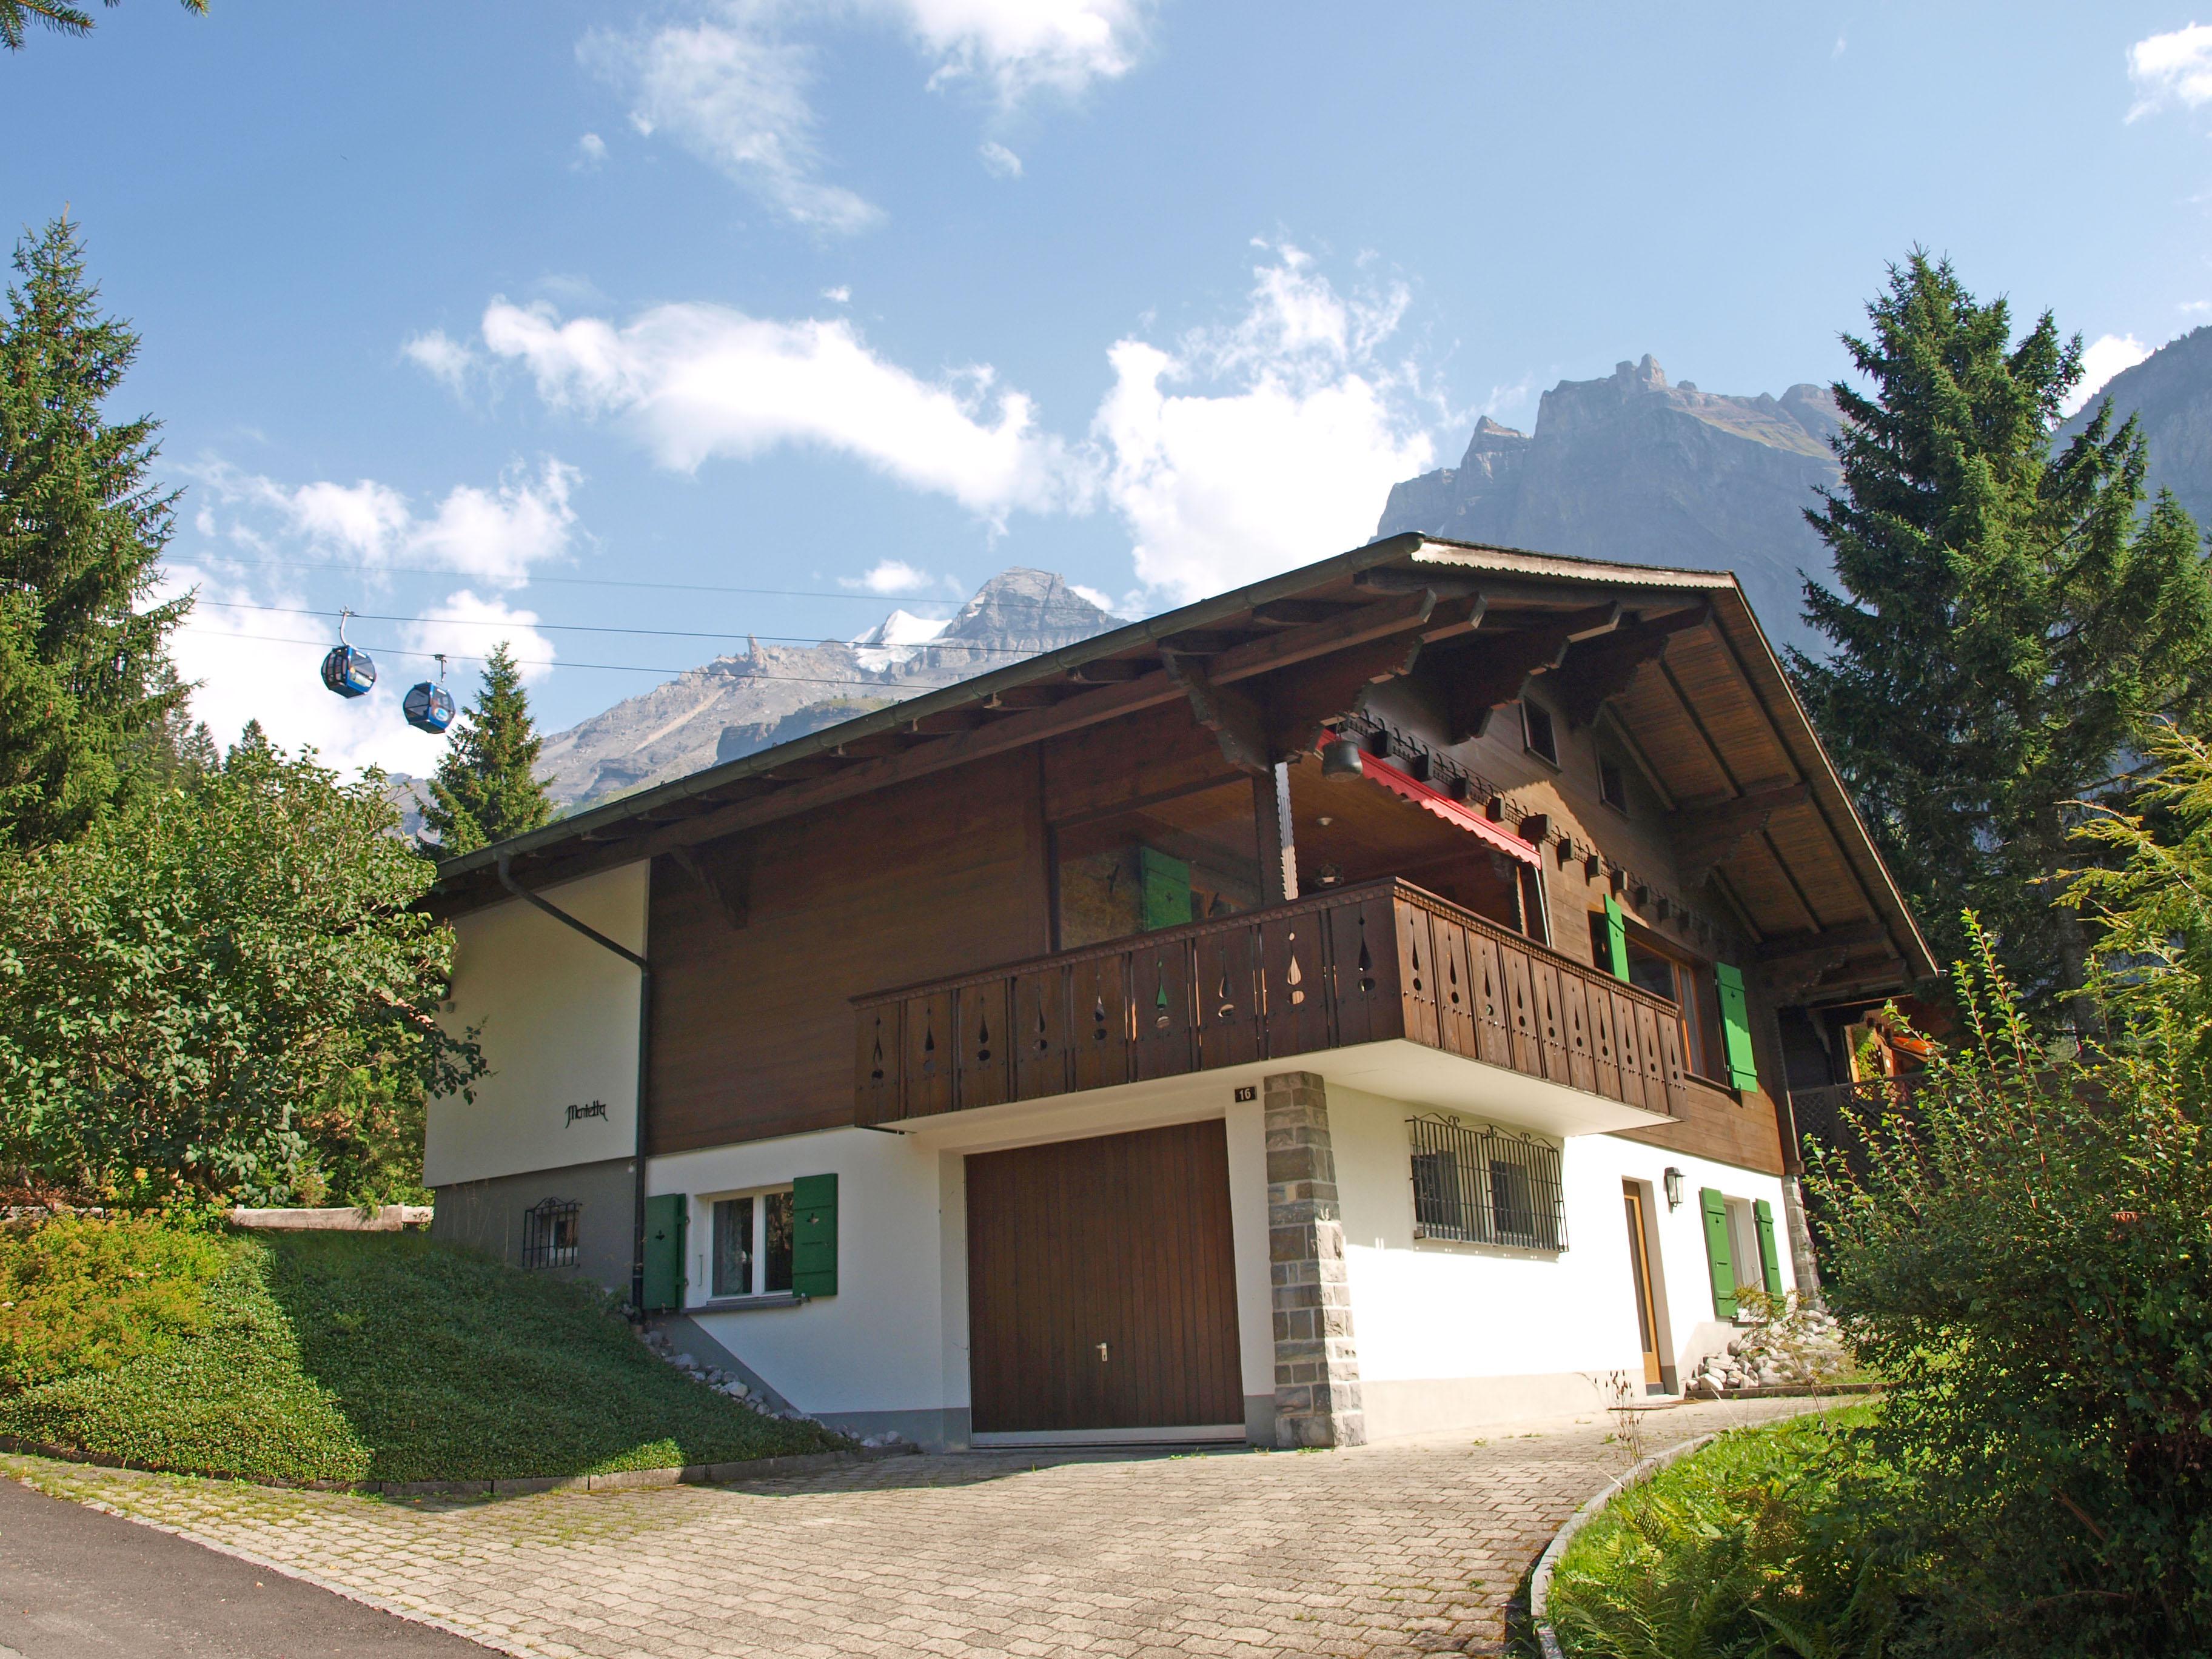 Ferienhaus marietta in kandersteg schweiz for Swiss homes